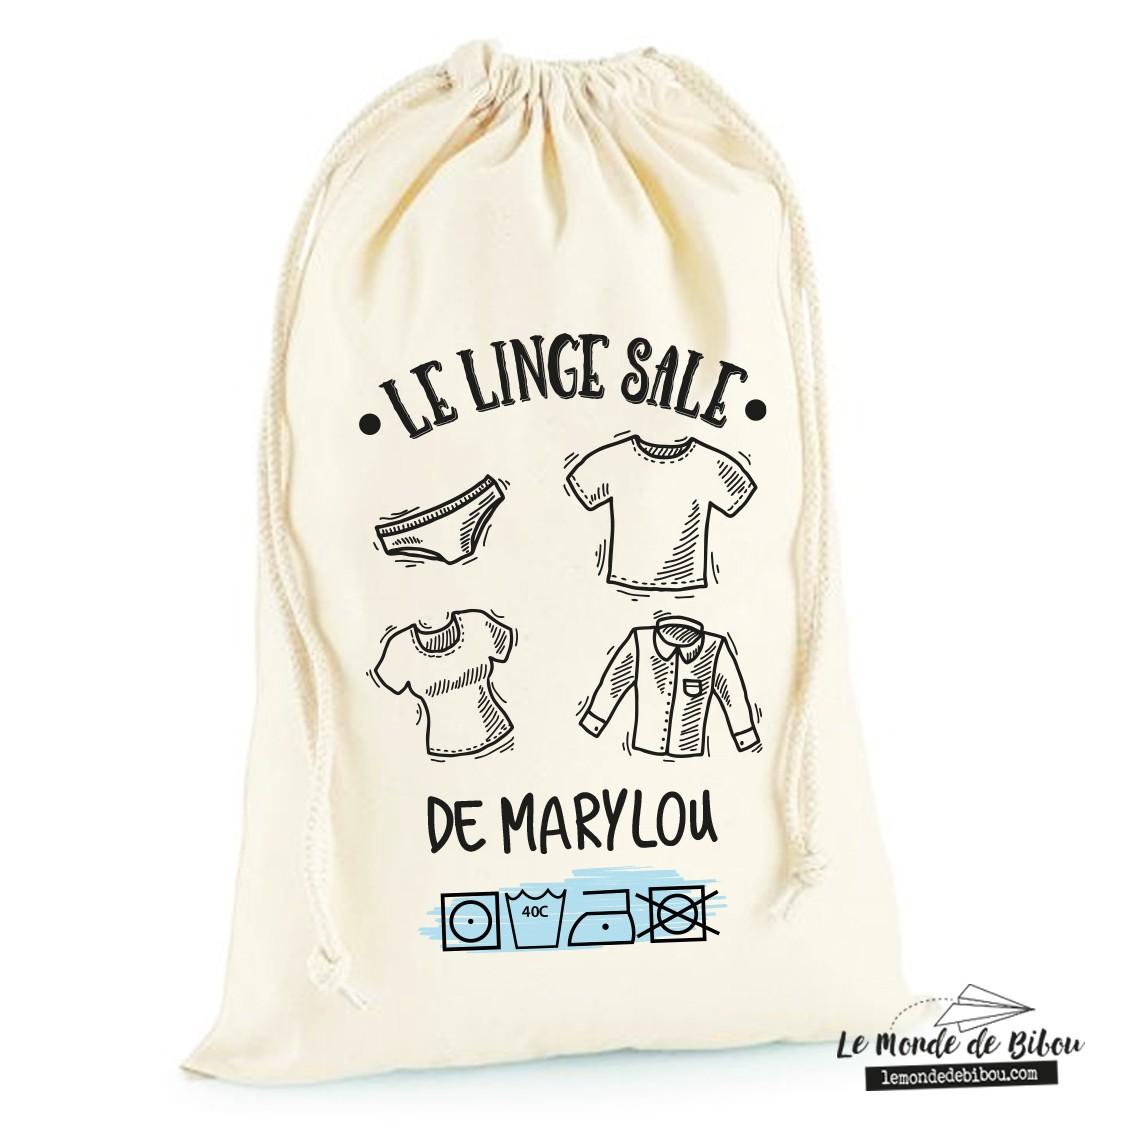 Sac A Linge Sale Personnalise Le Monde De Bibou Cadeaux Personnalises